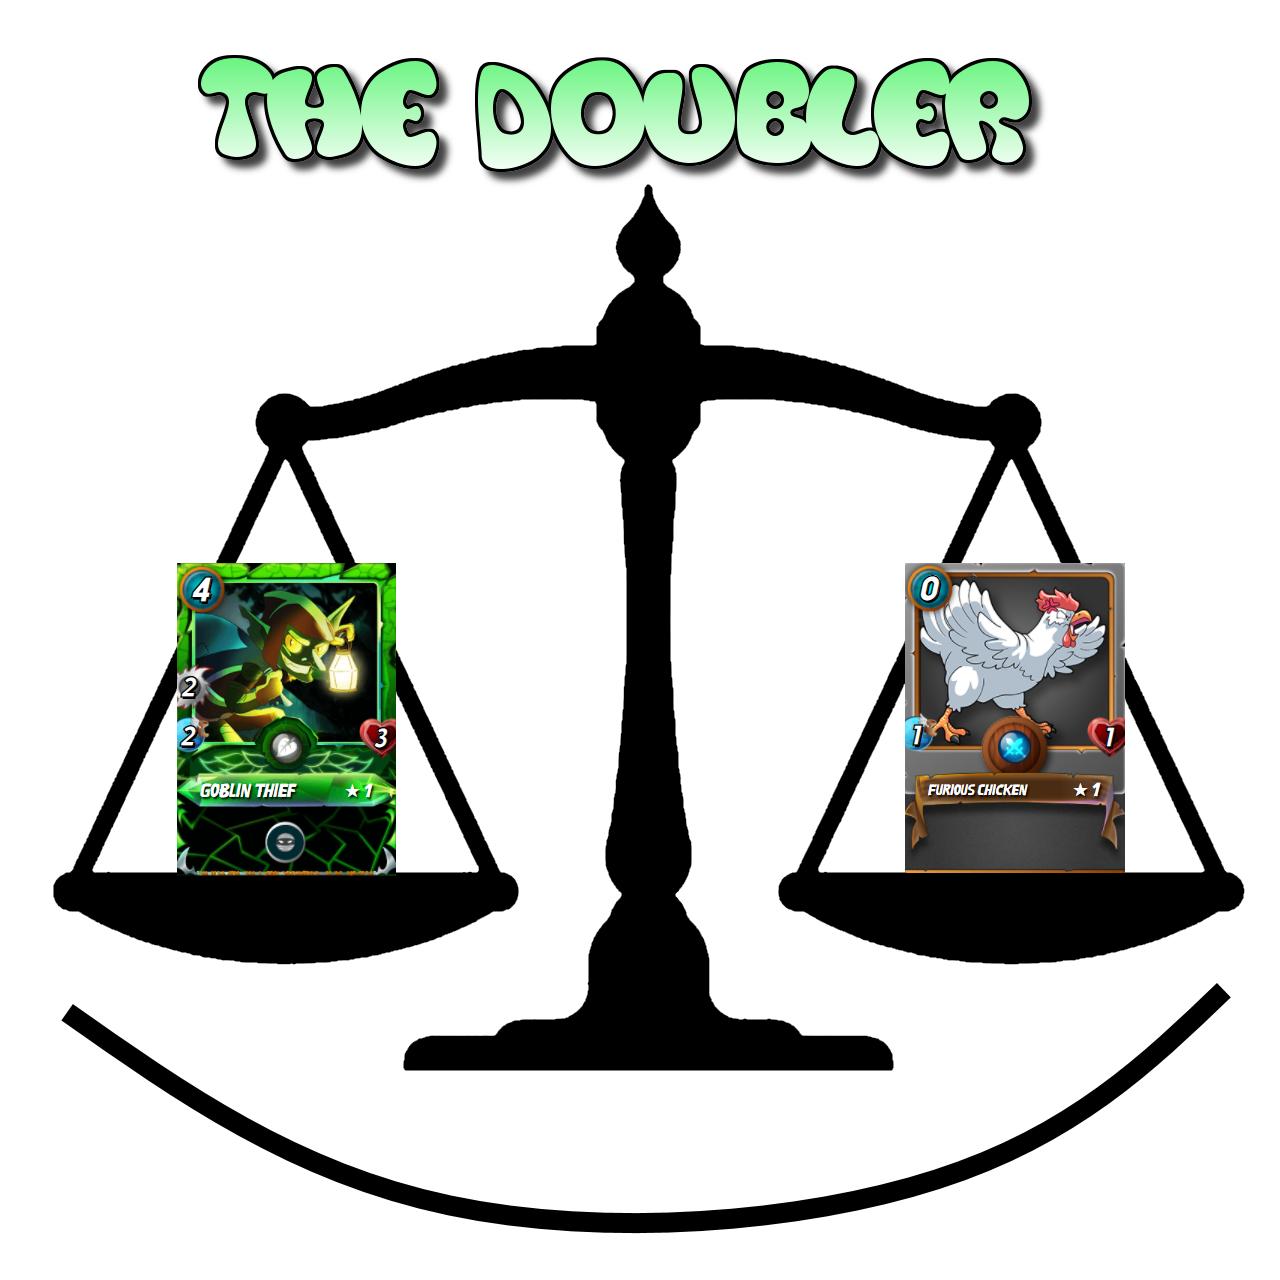 doubler.png